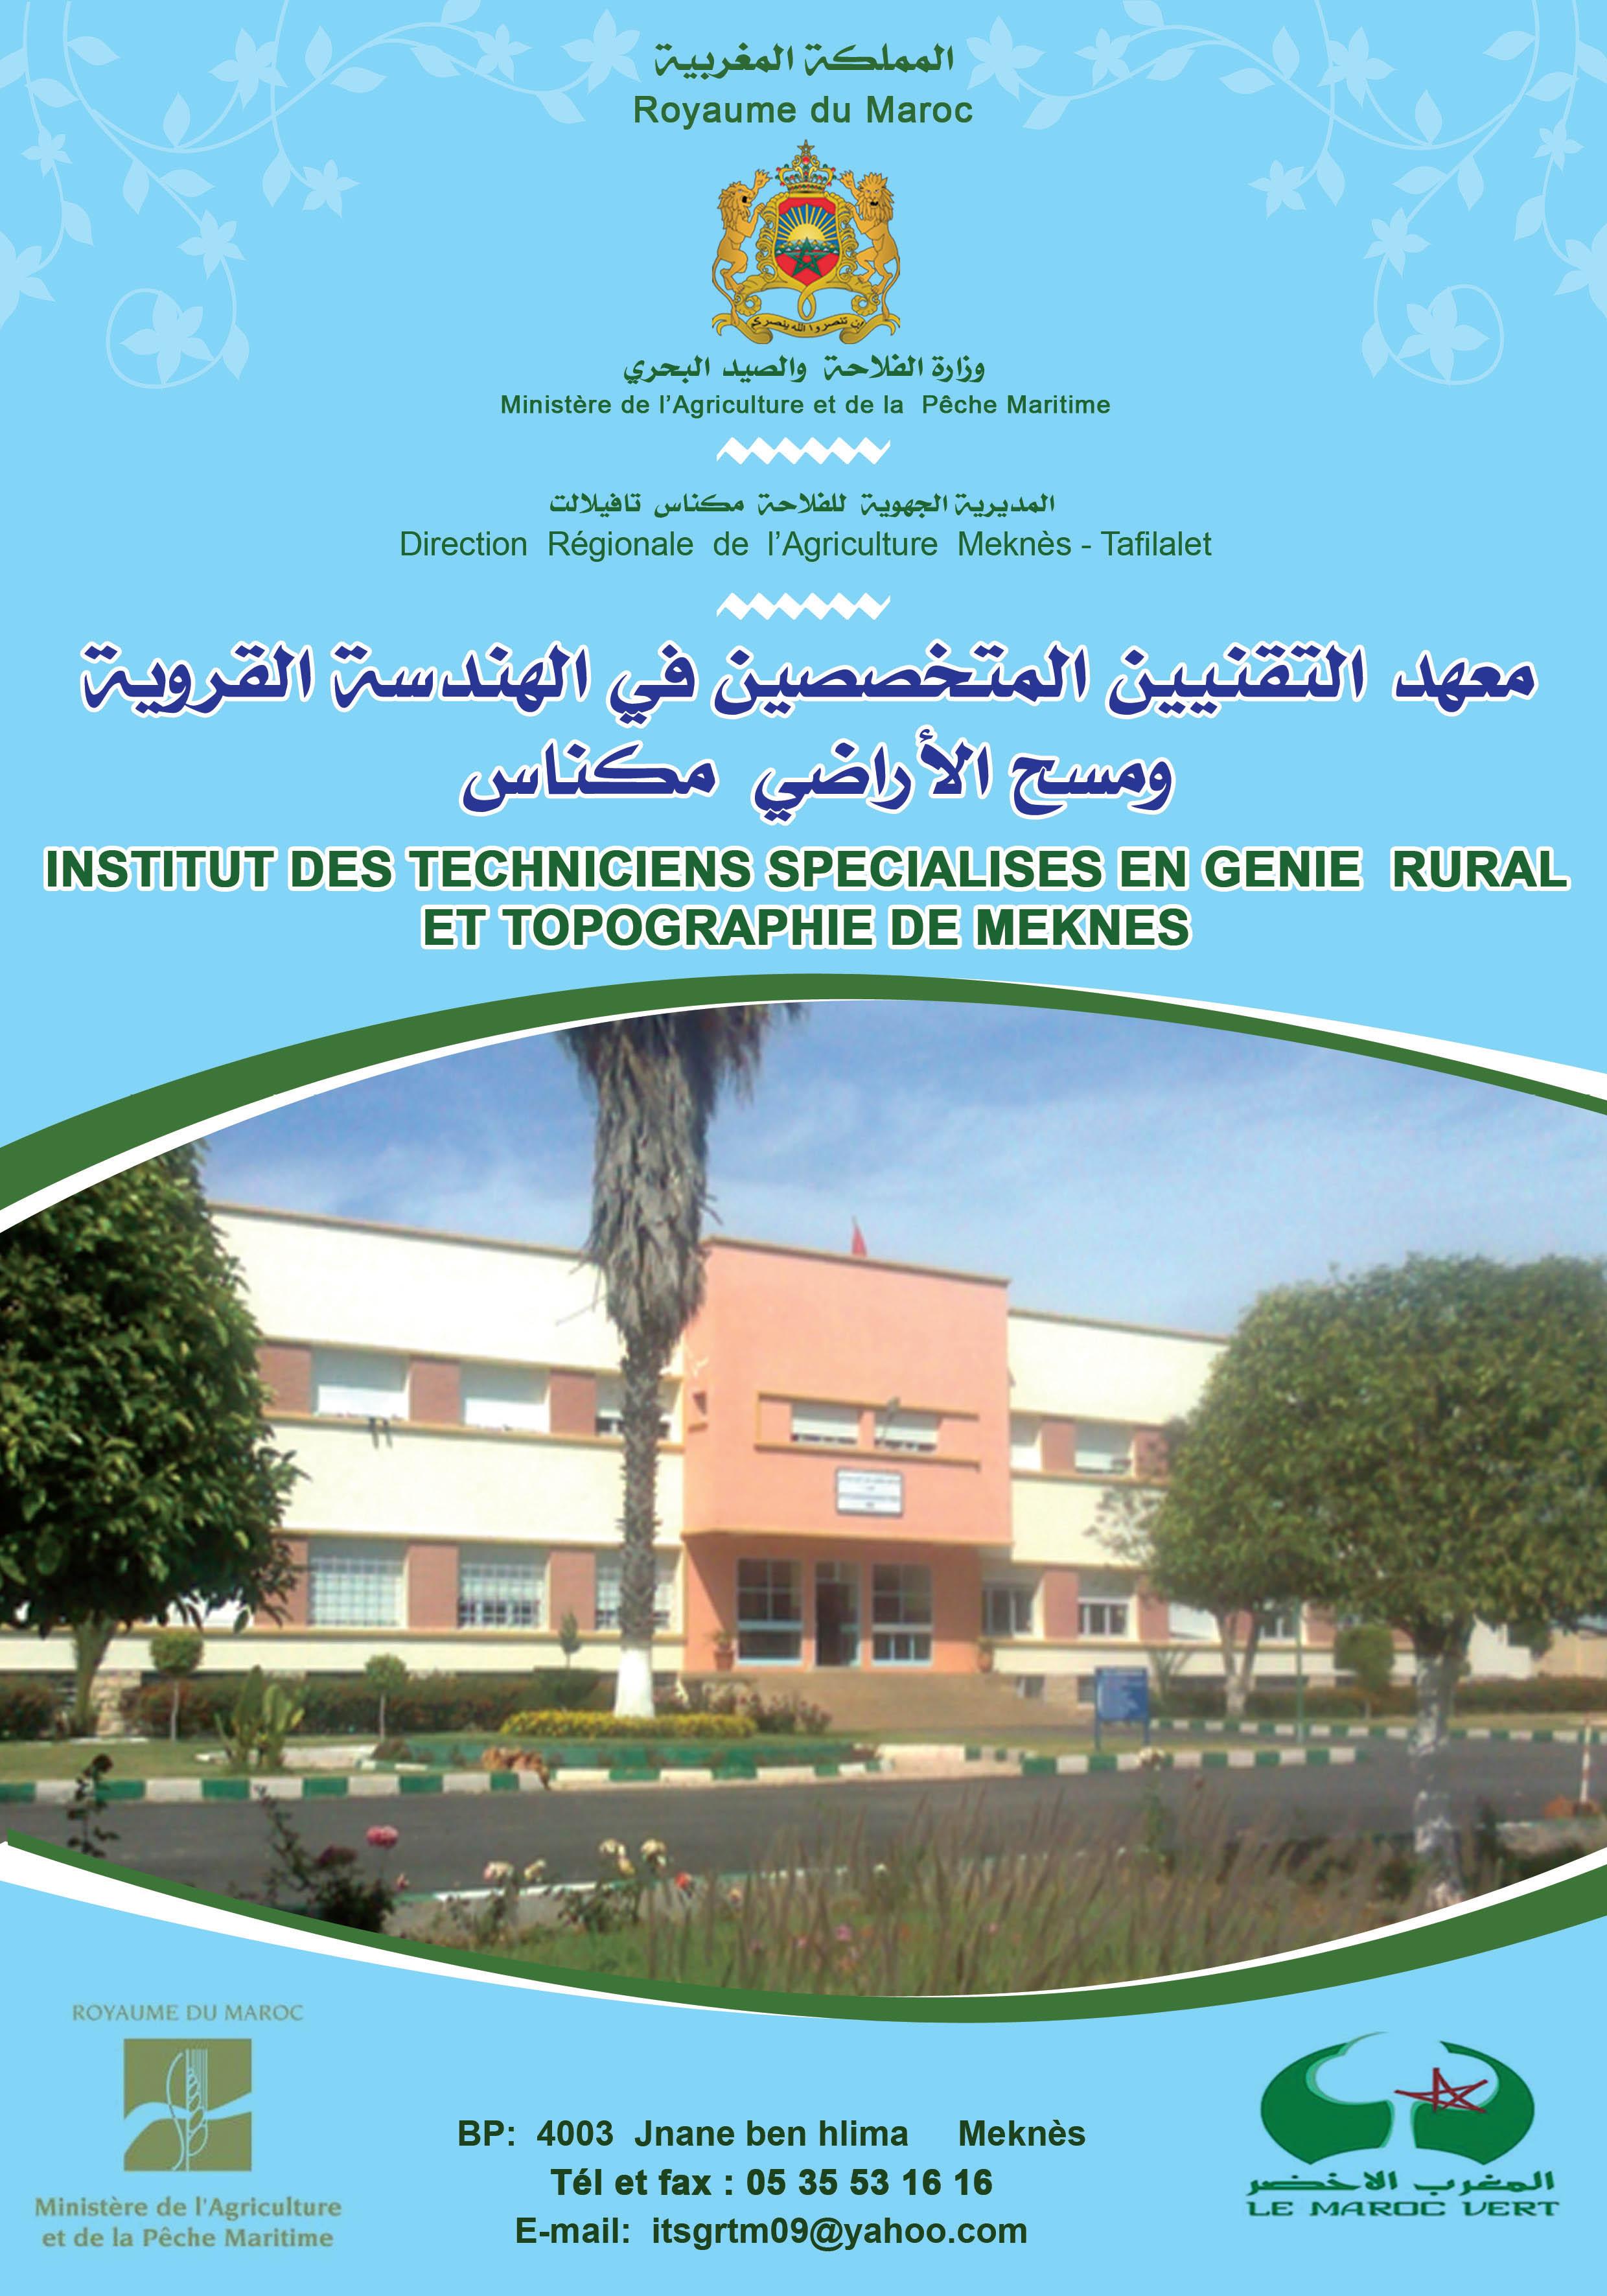 معهد التقنيين المتخصصين في الهندسة القروية و مسح الأراضي